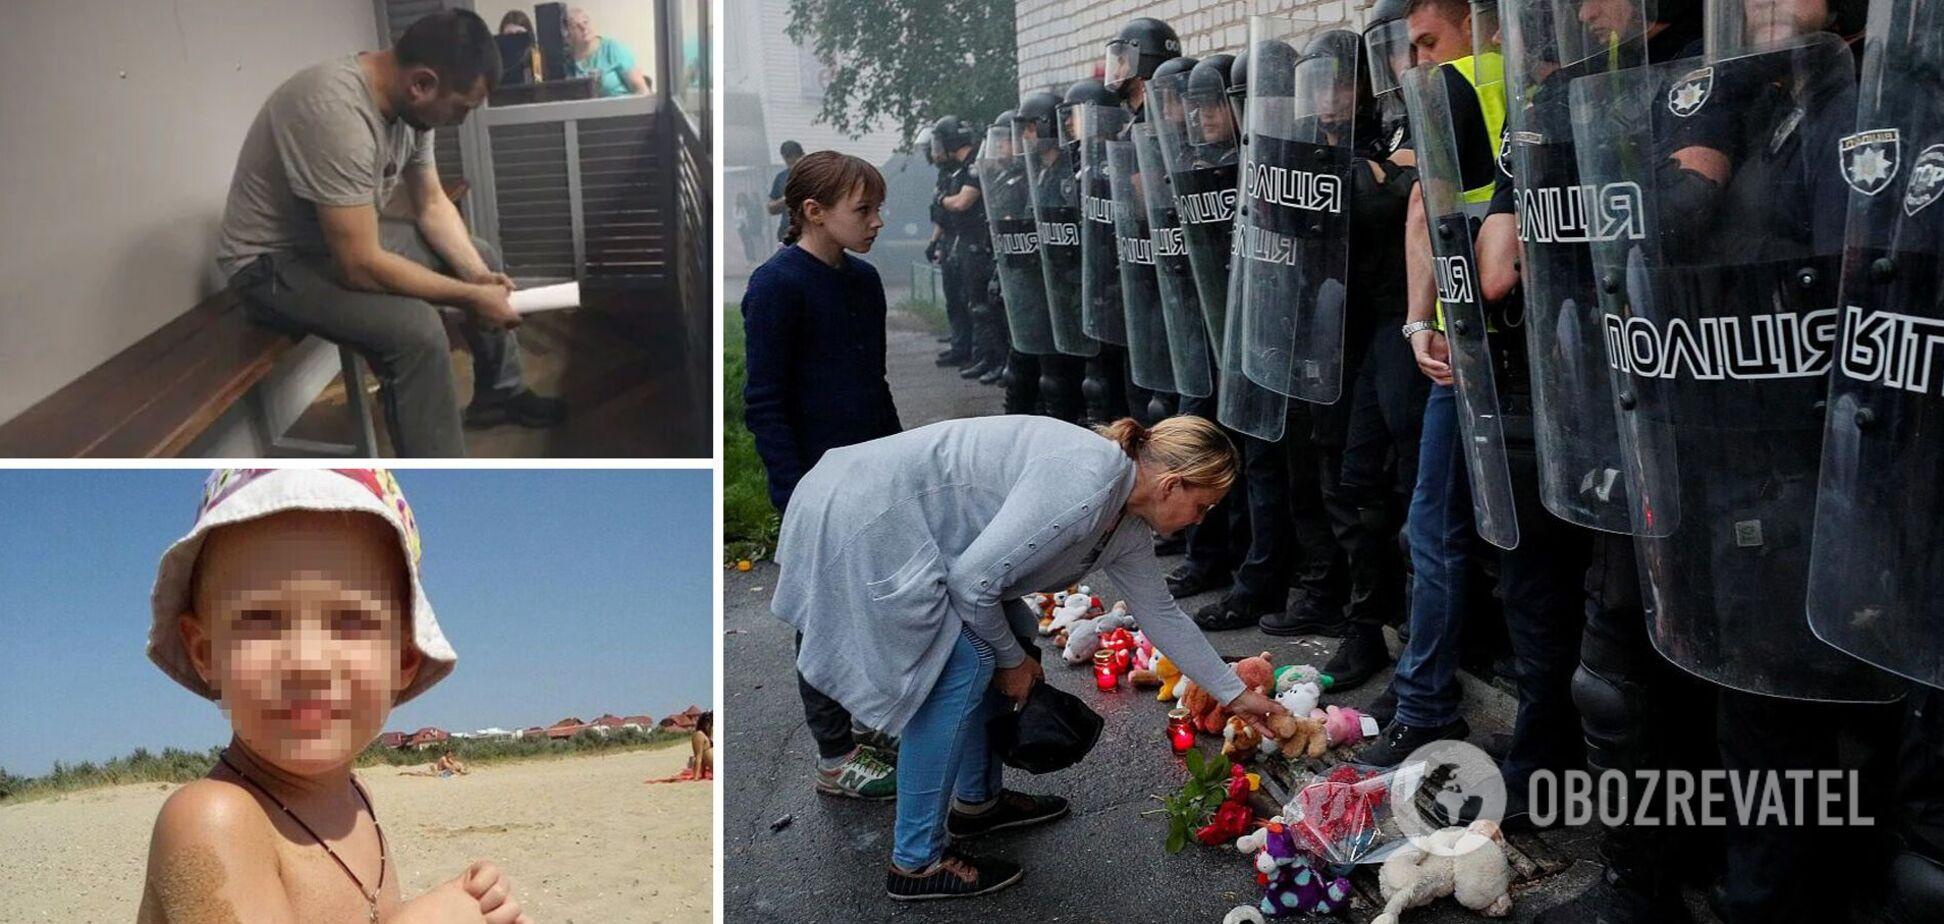 Обвиняемых так и не допросили: новые подробности дела об убийстве 5-летнего Кирилла Тлявова